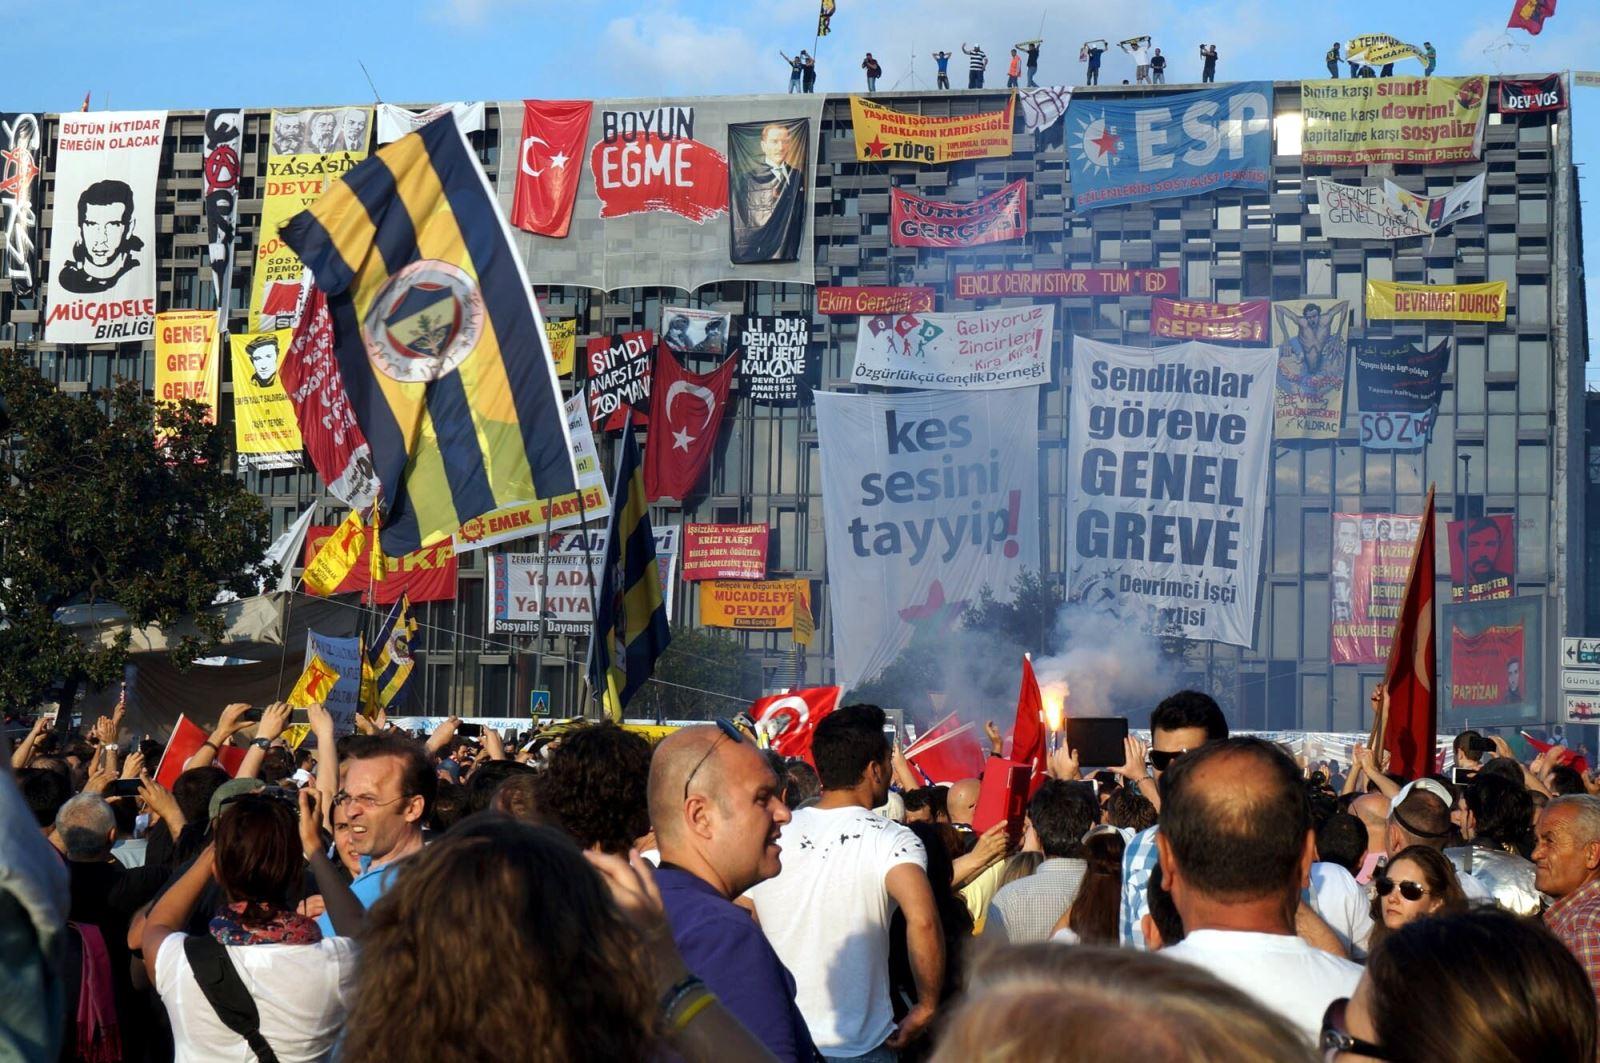 События в Гези Парке в 2013 году всколыхнули всю Турцию